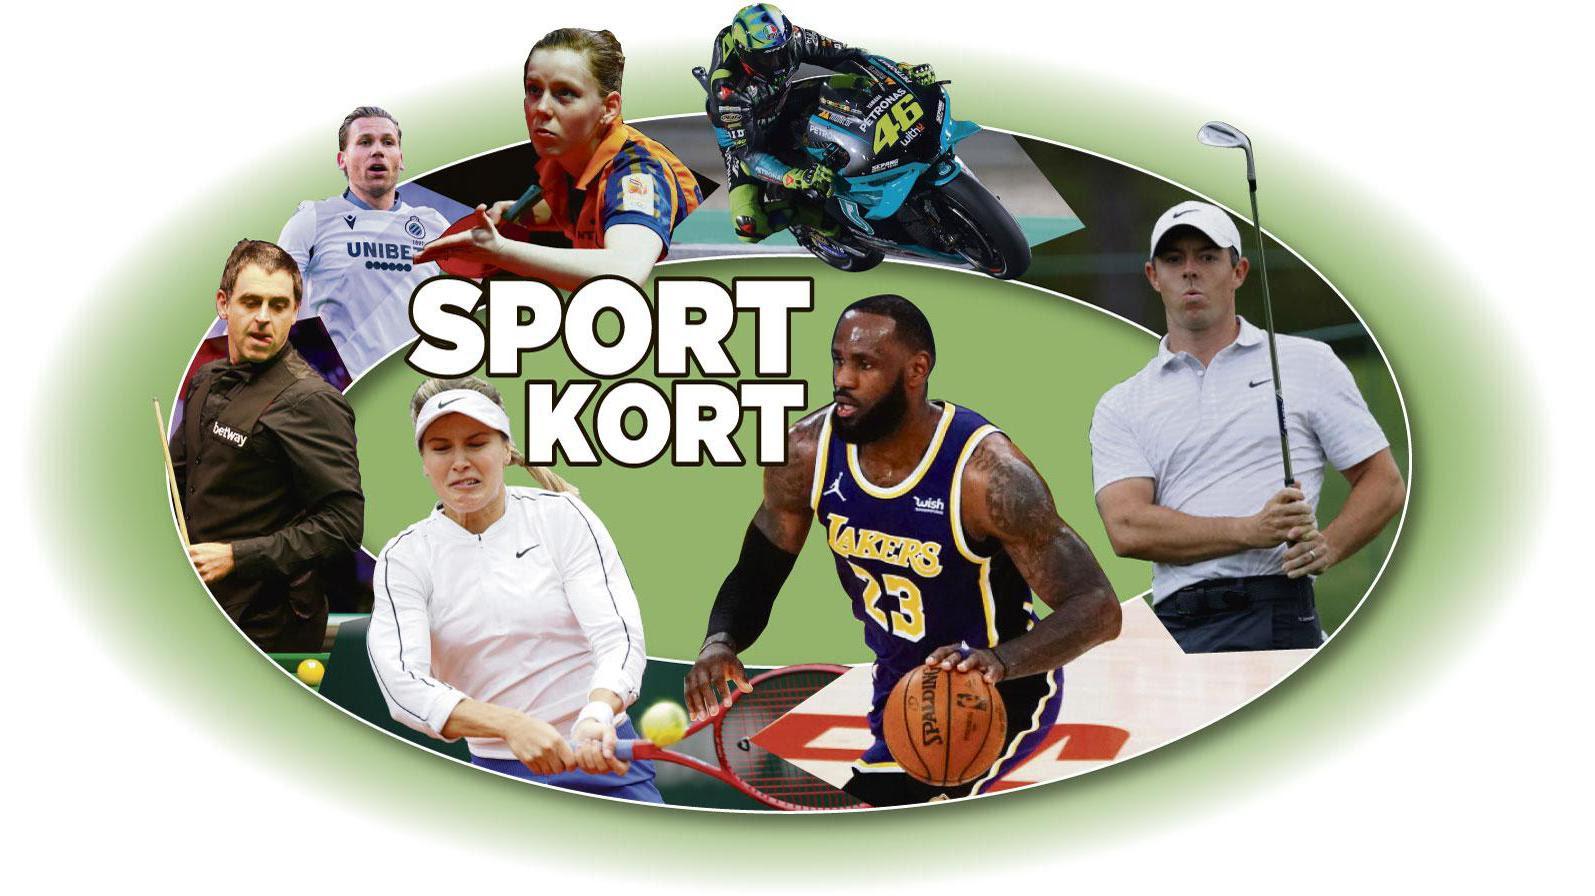 Sport Kort: Van der Breggen, Van Vleuten en Van Dijk op WK in ploegentijdrit